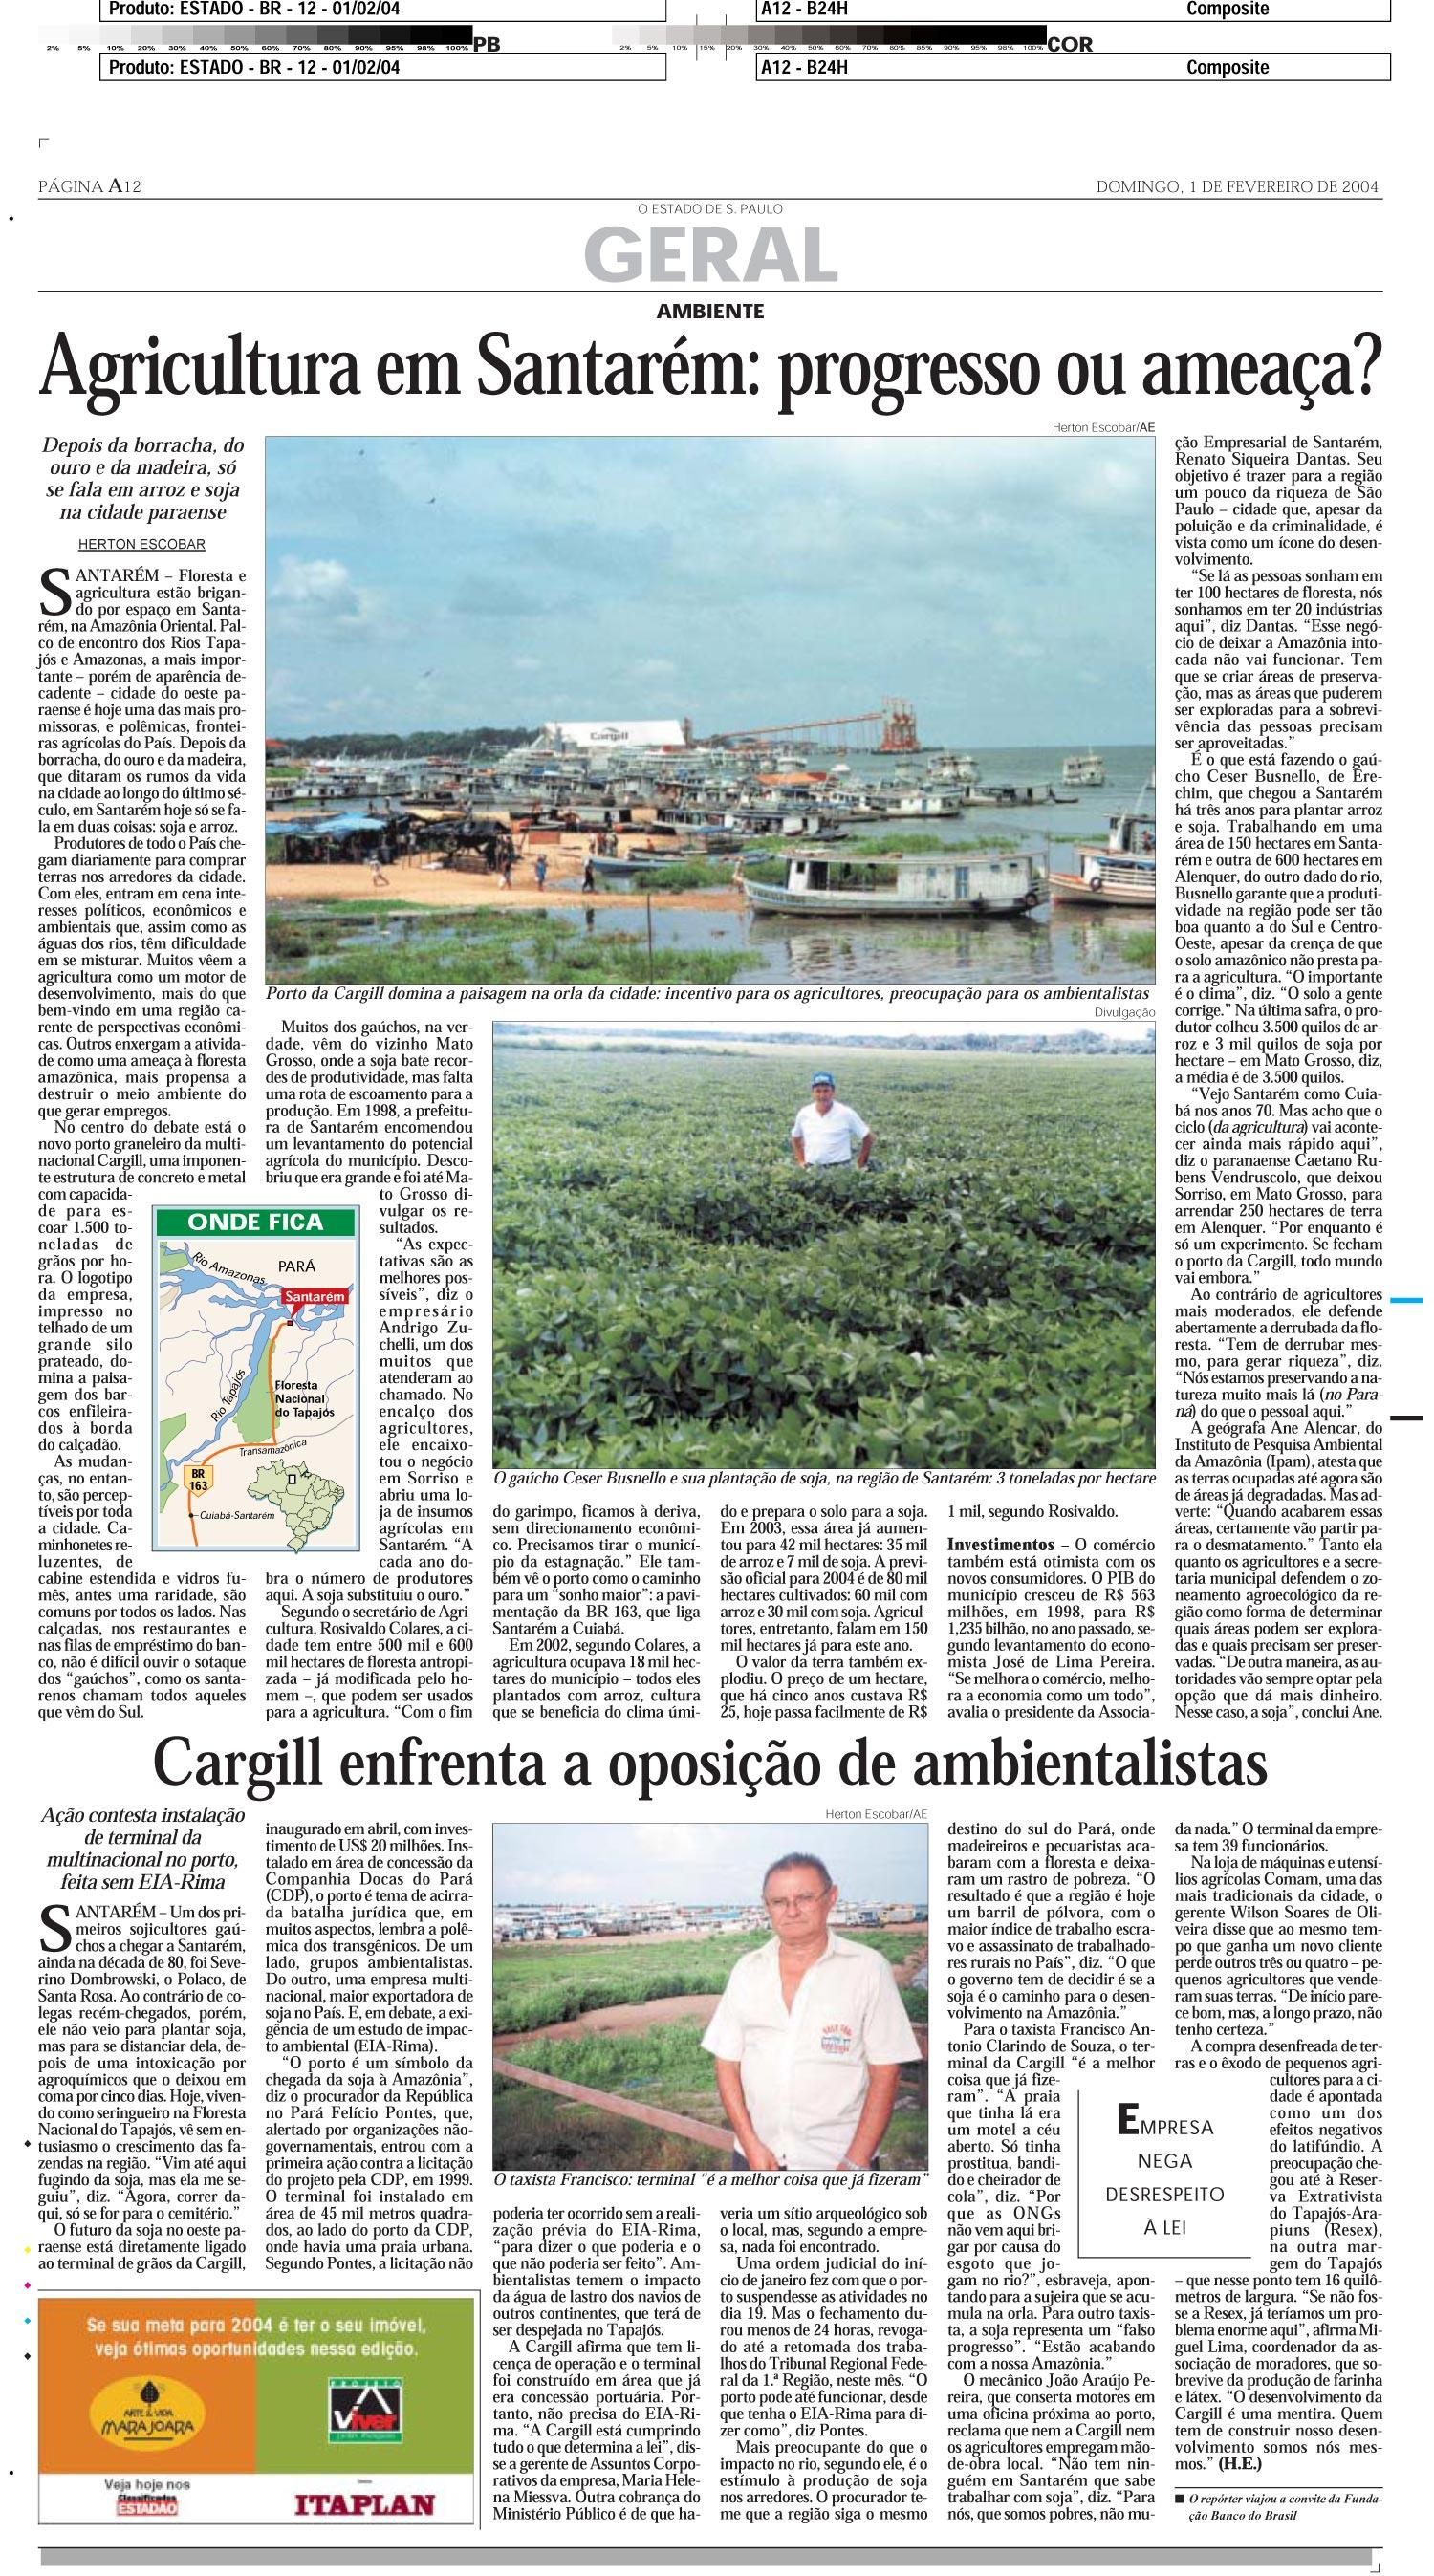 Agricultura em Santarém: progresso ou ameaça?